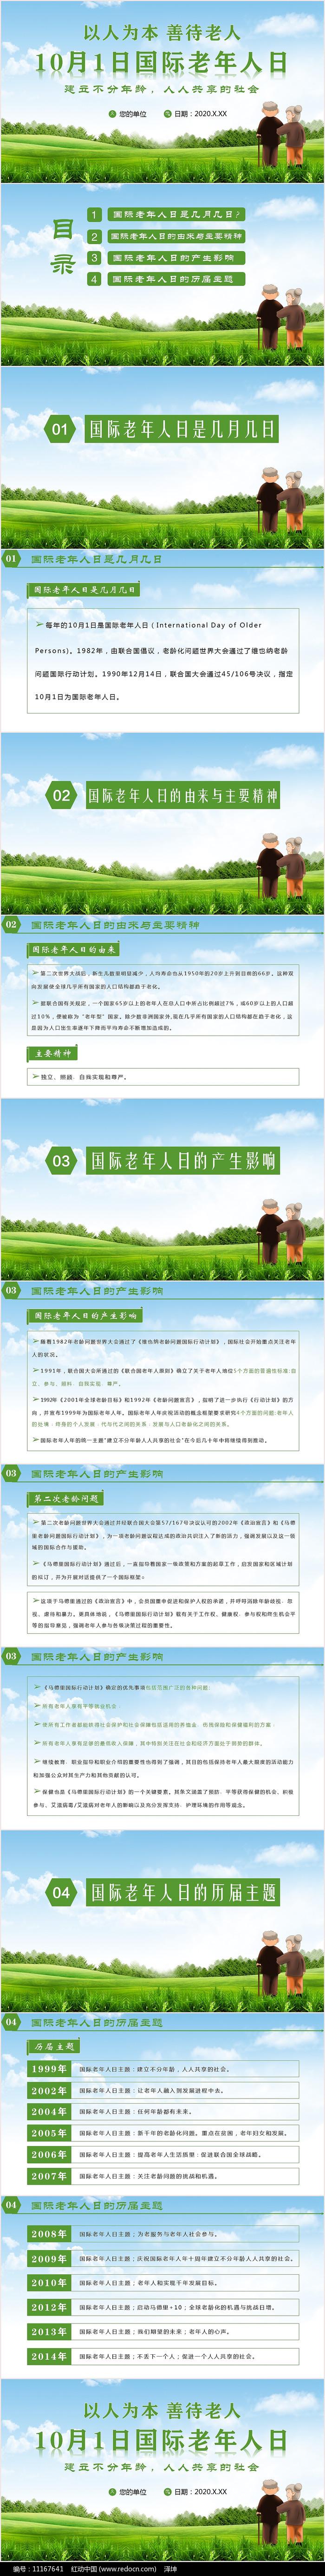 国际老年人日PPT模板